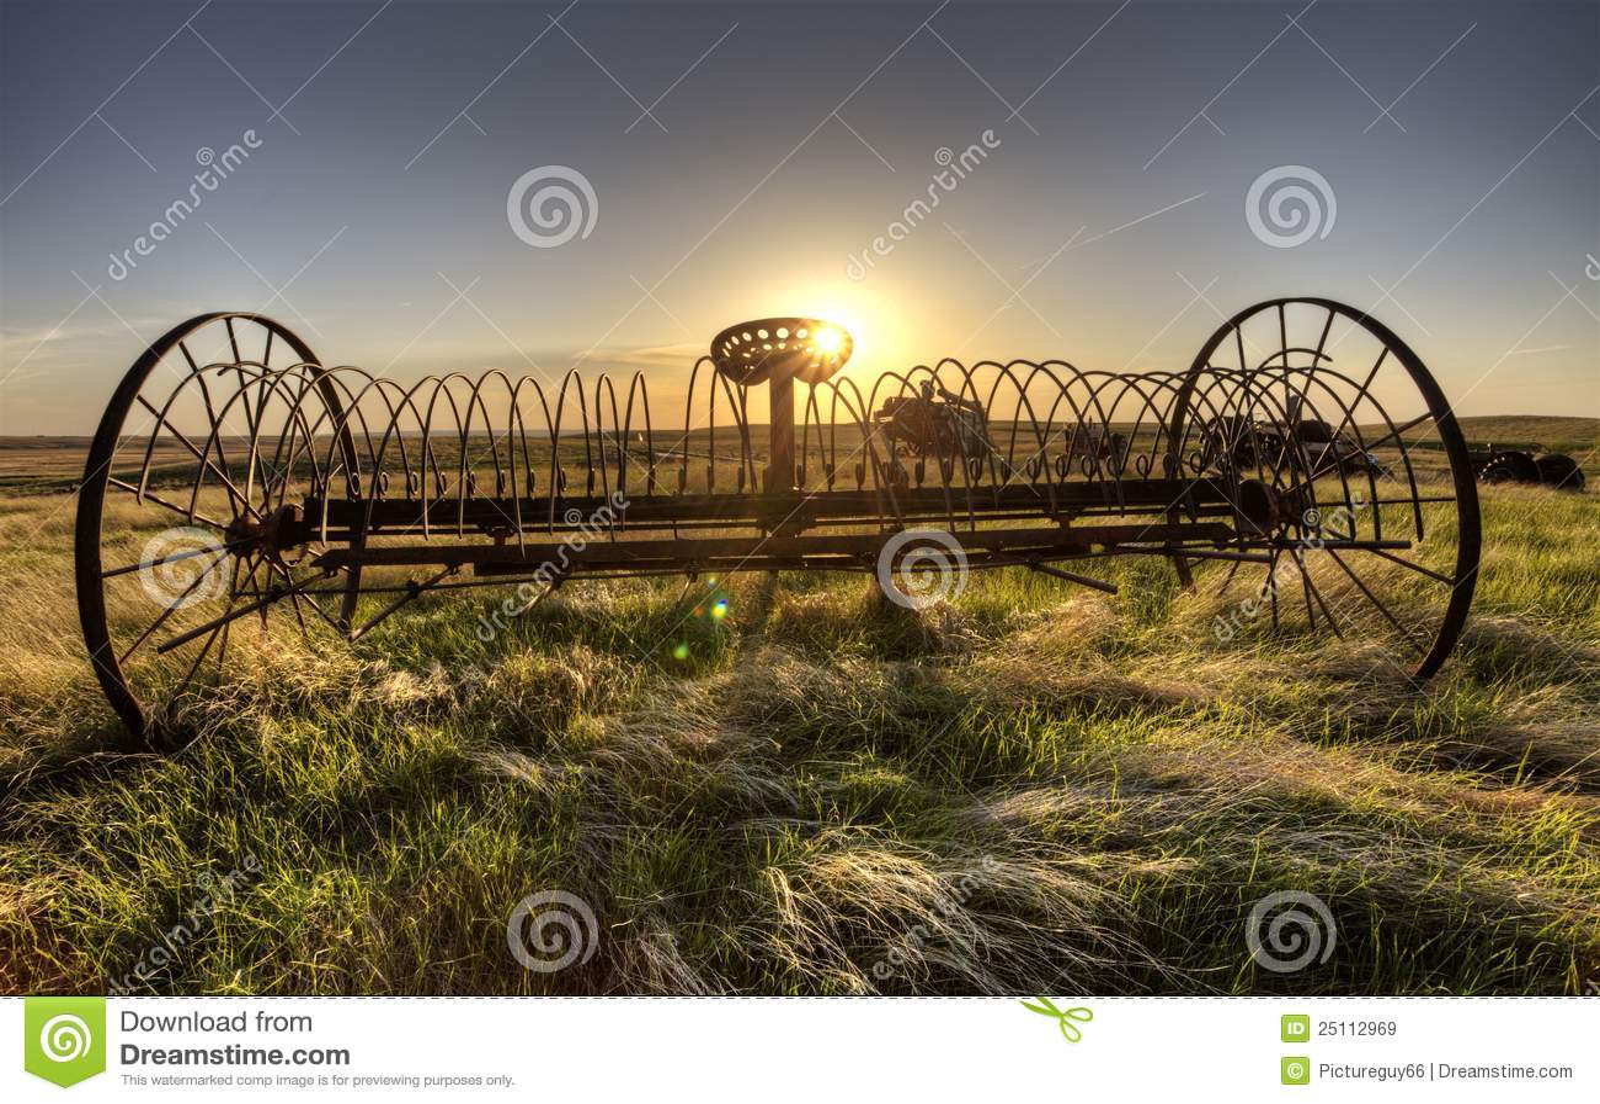 Strumentazione antica dell azienda agricola